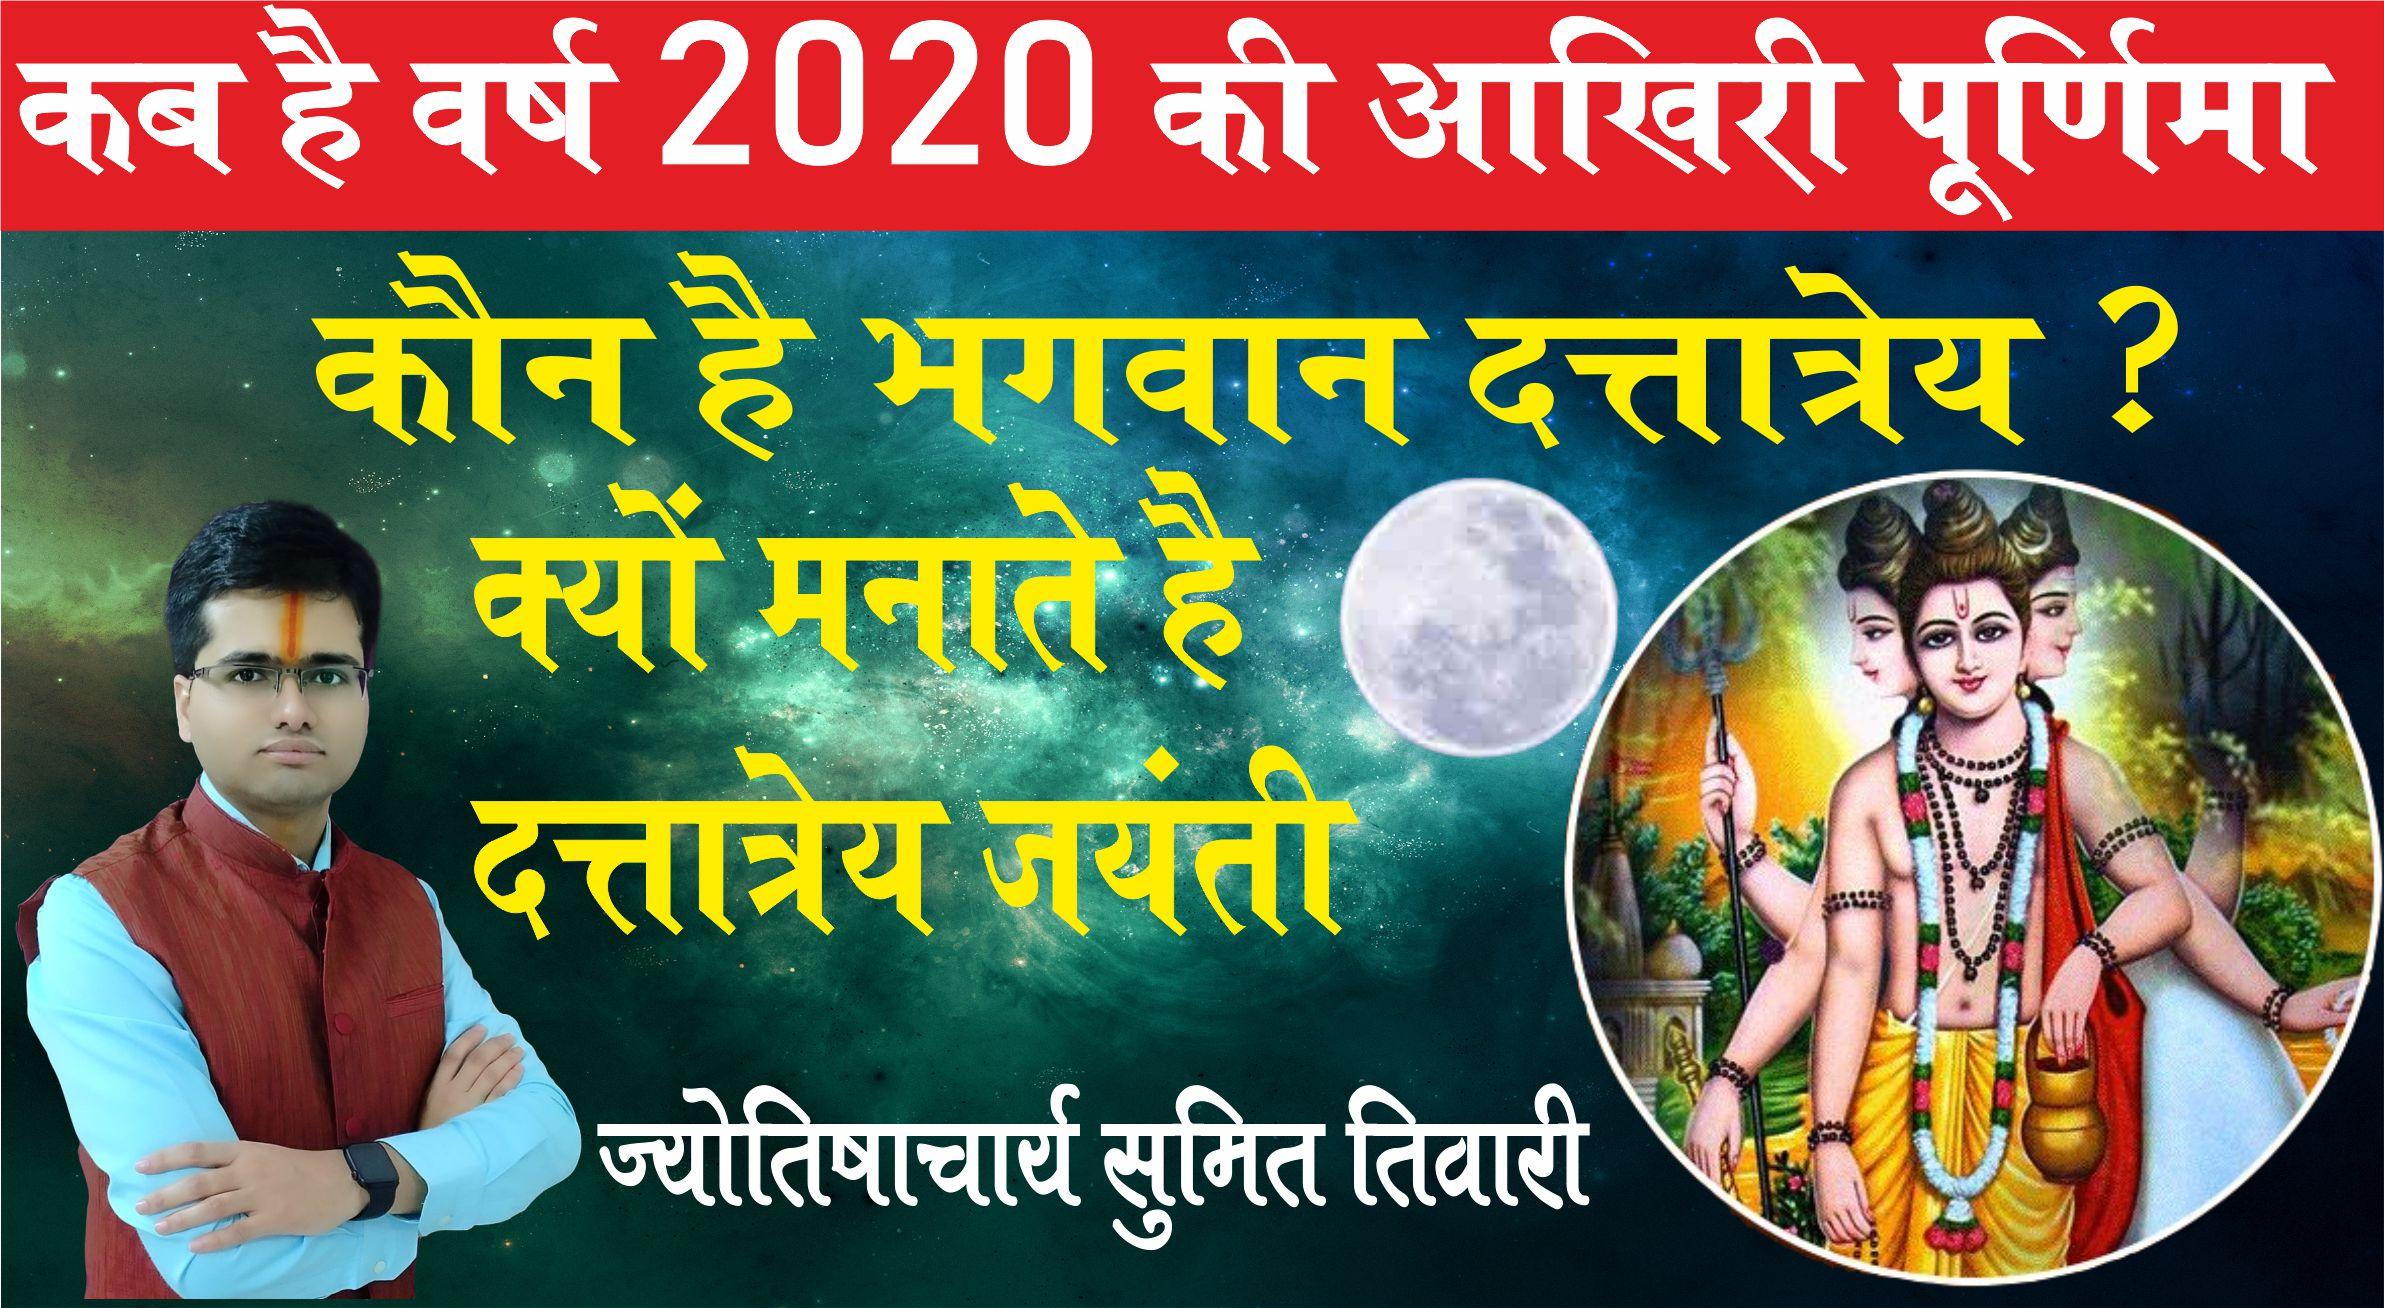 कब है वर्ष 2020 की आखिरी मार्गशीर्ष पूर्णिमा, कौन है भगवान दत्तात्रेय क्यों मनाते है दत्तात्रेय जयंती